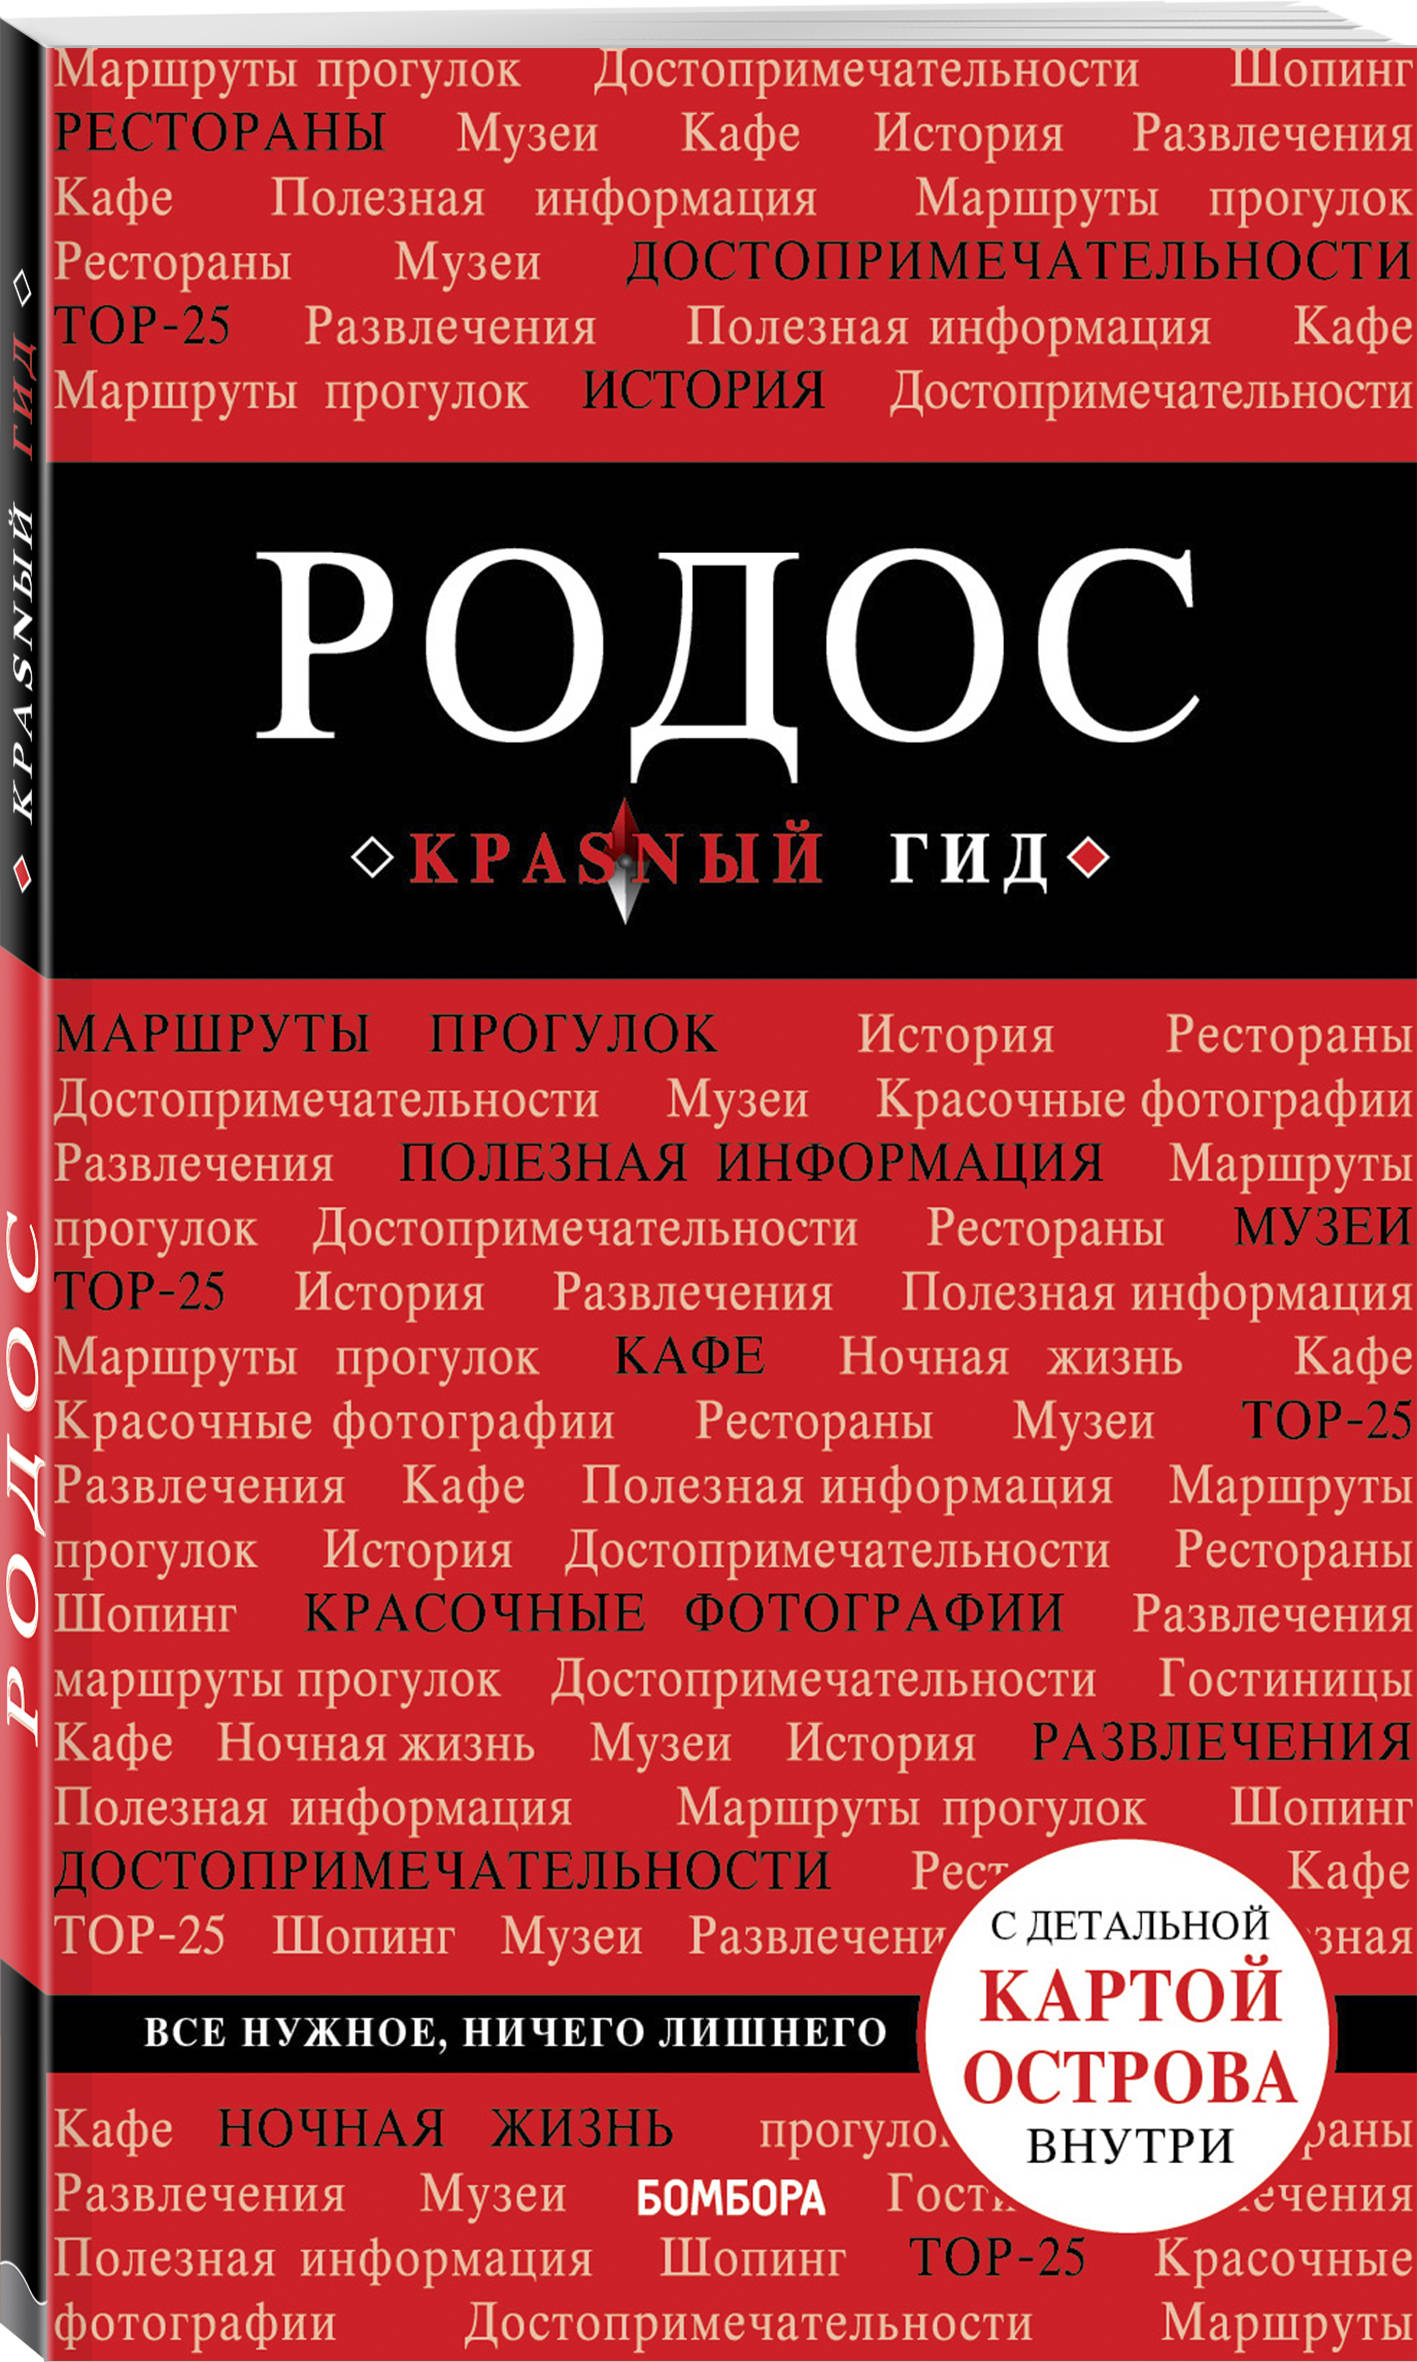 Анна Киберева Родос. 6-е изд., испр. и доп.